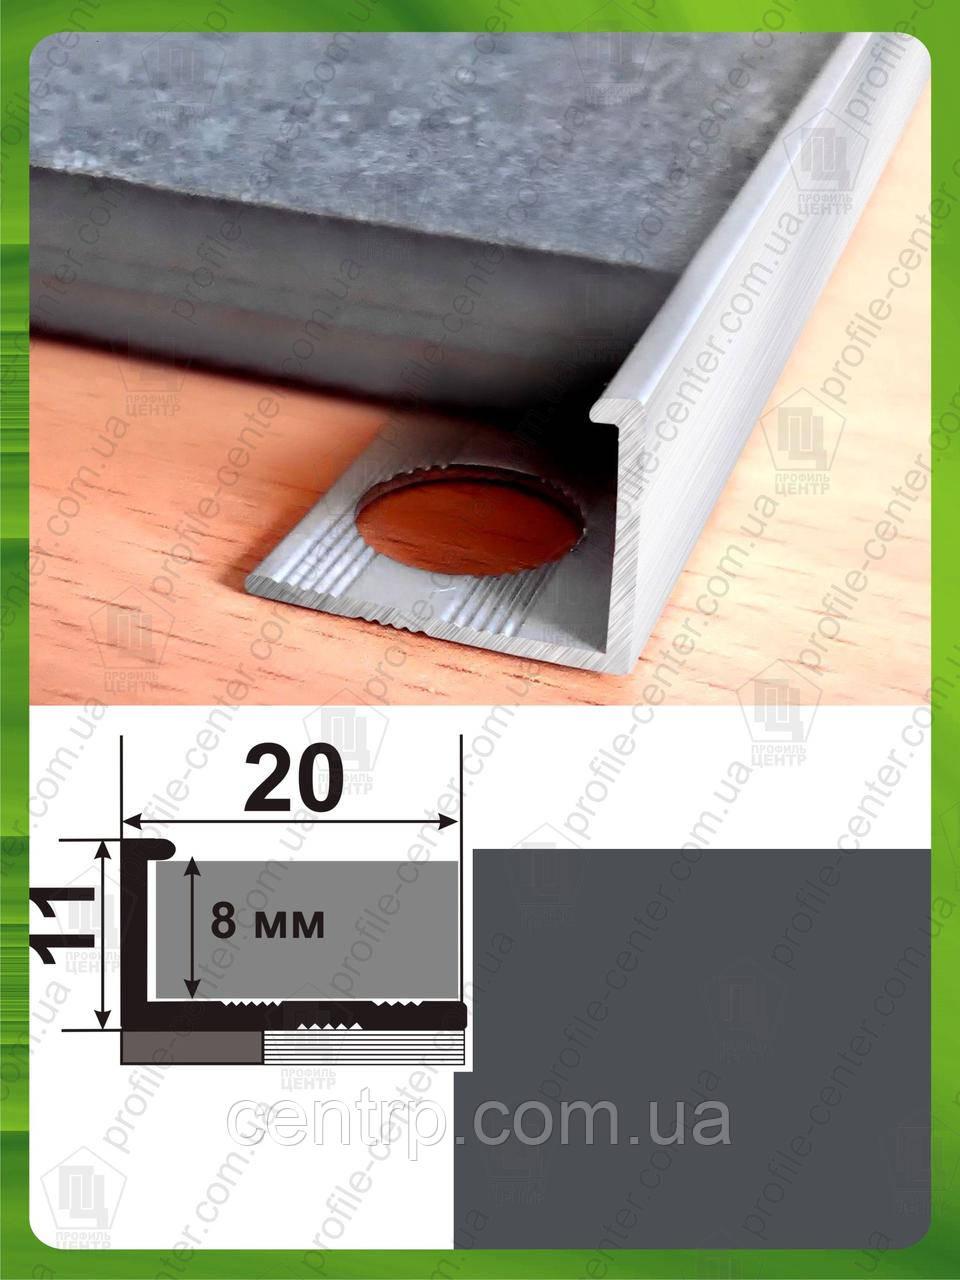 Алюминиевый Г-образный профиль для плитки до 8 мм АП10 L-2.7 м Графит (краш)